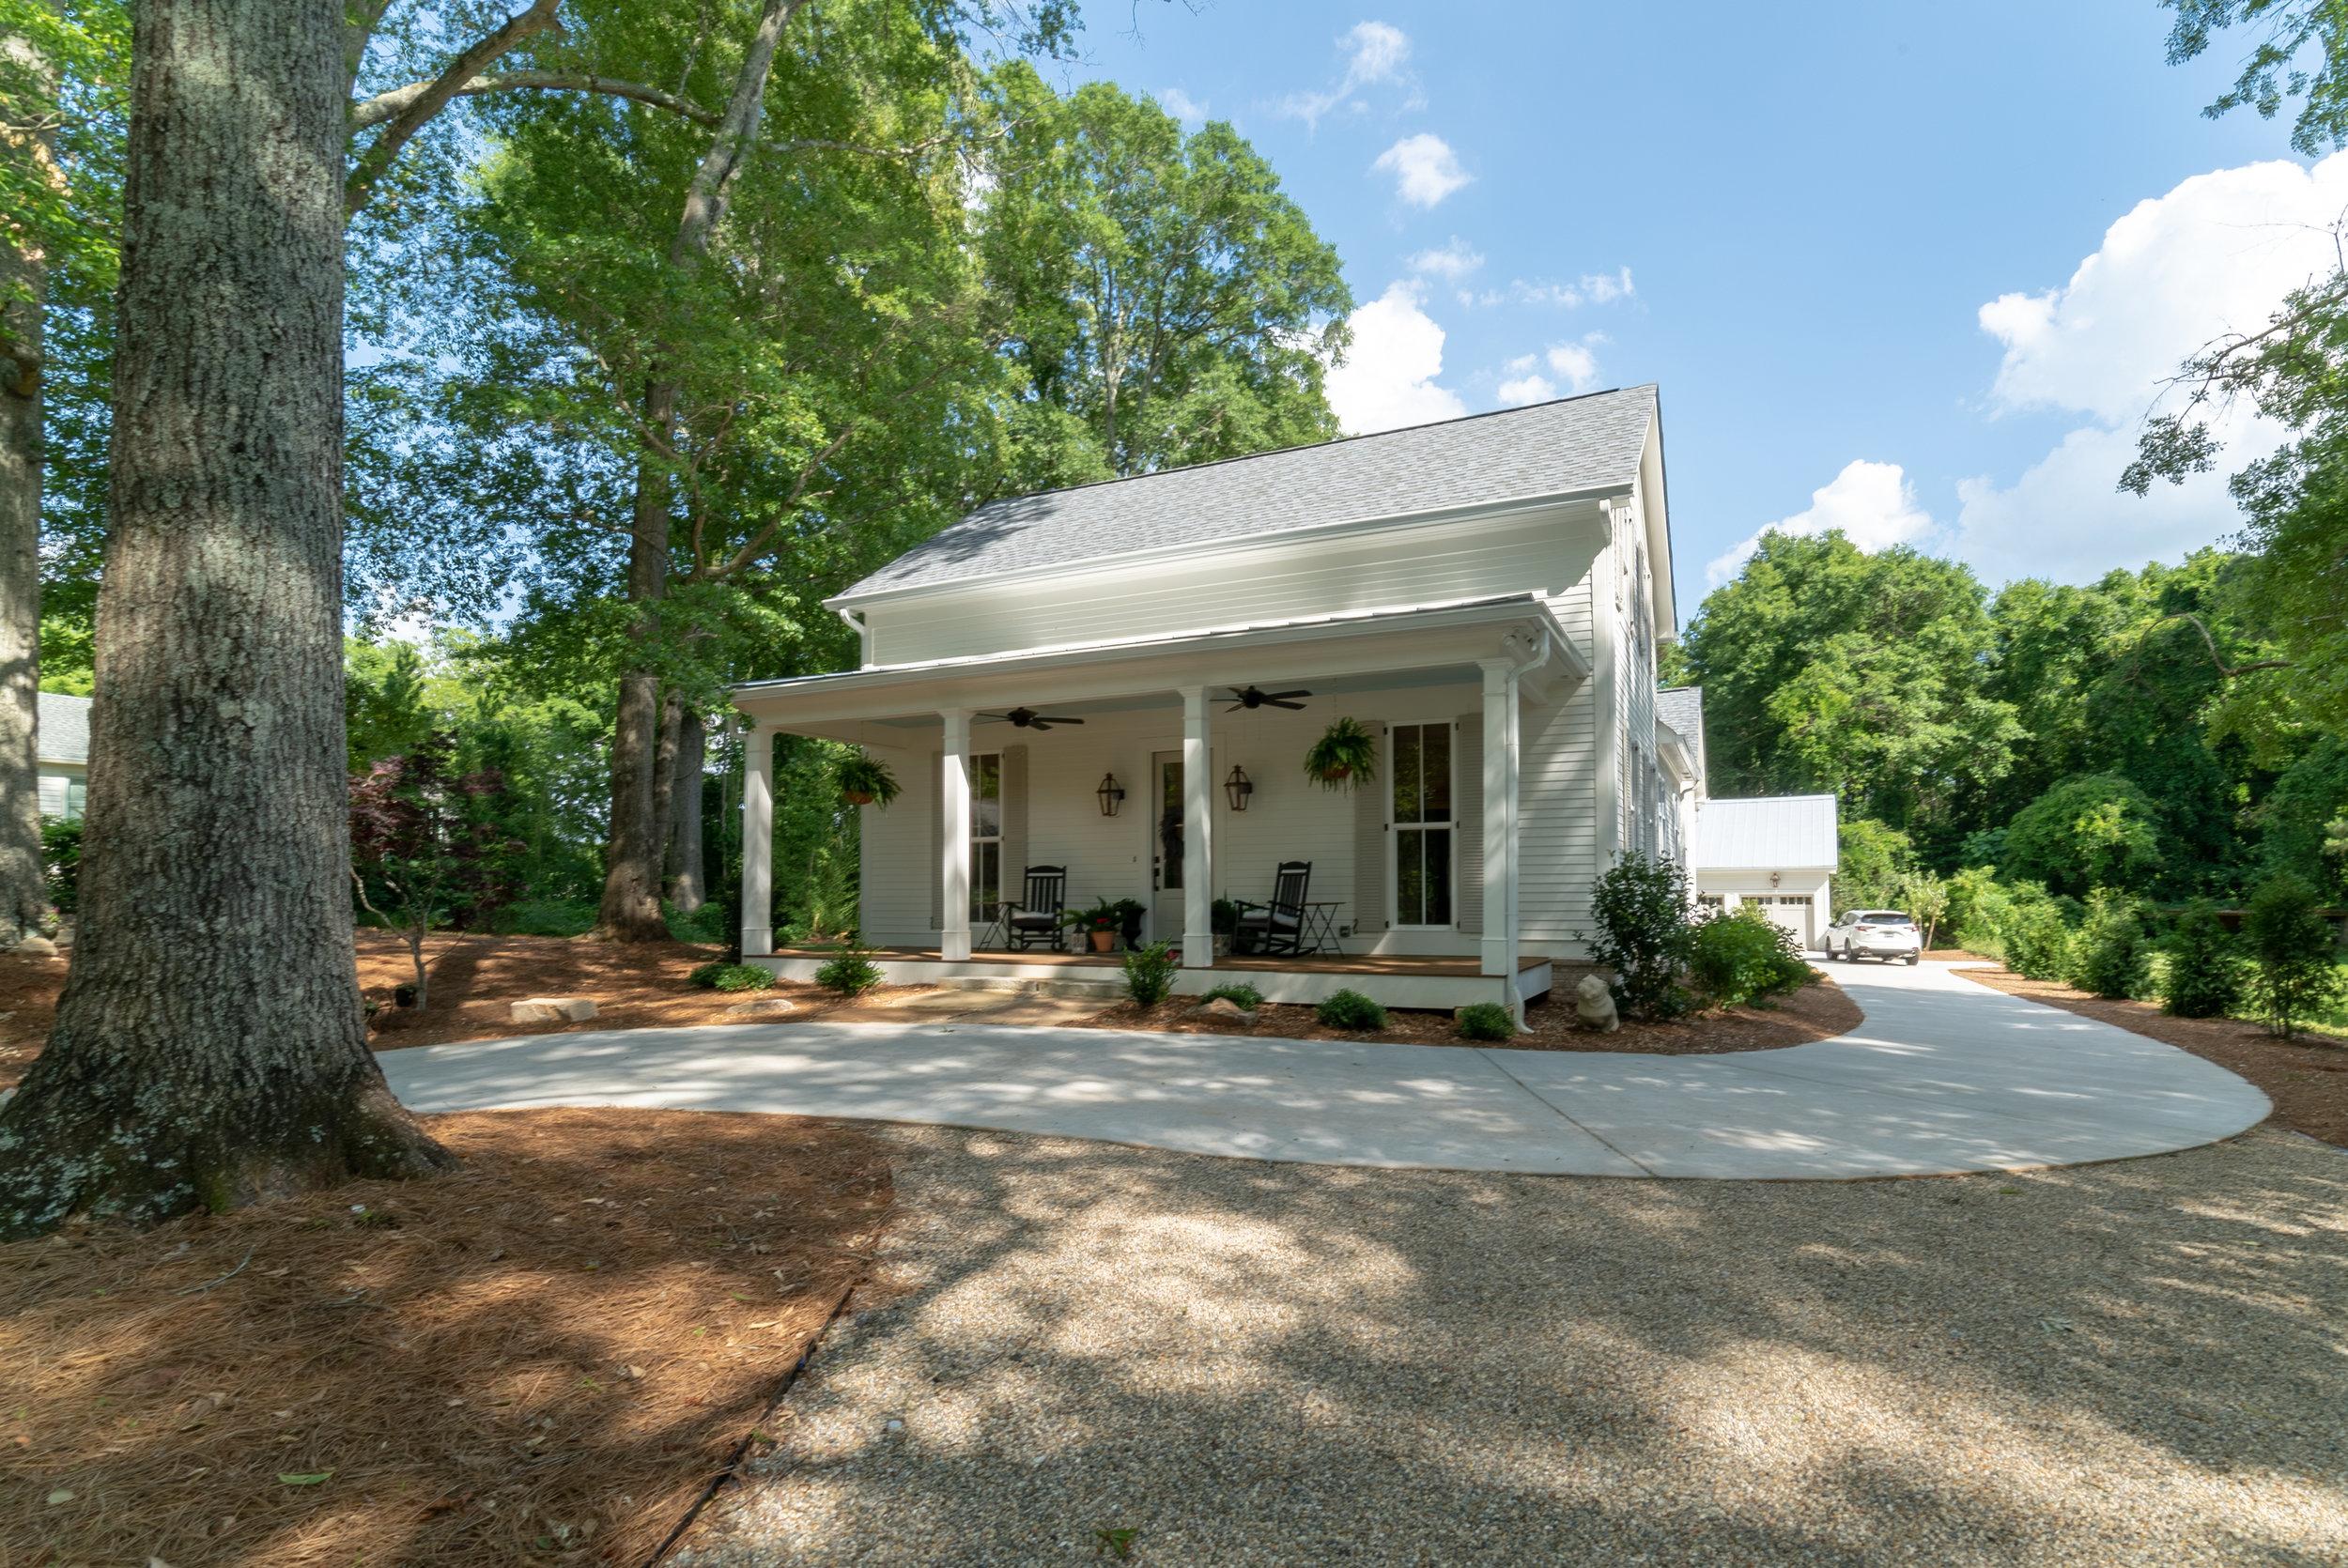 Senoia Palmetto Cottage    5 Beds 3.5 Baths 1,943 SQFT    Senoia, GA